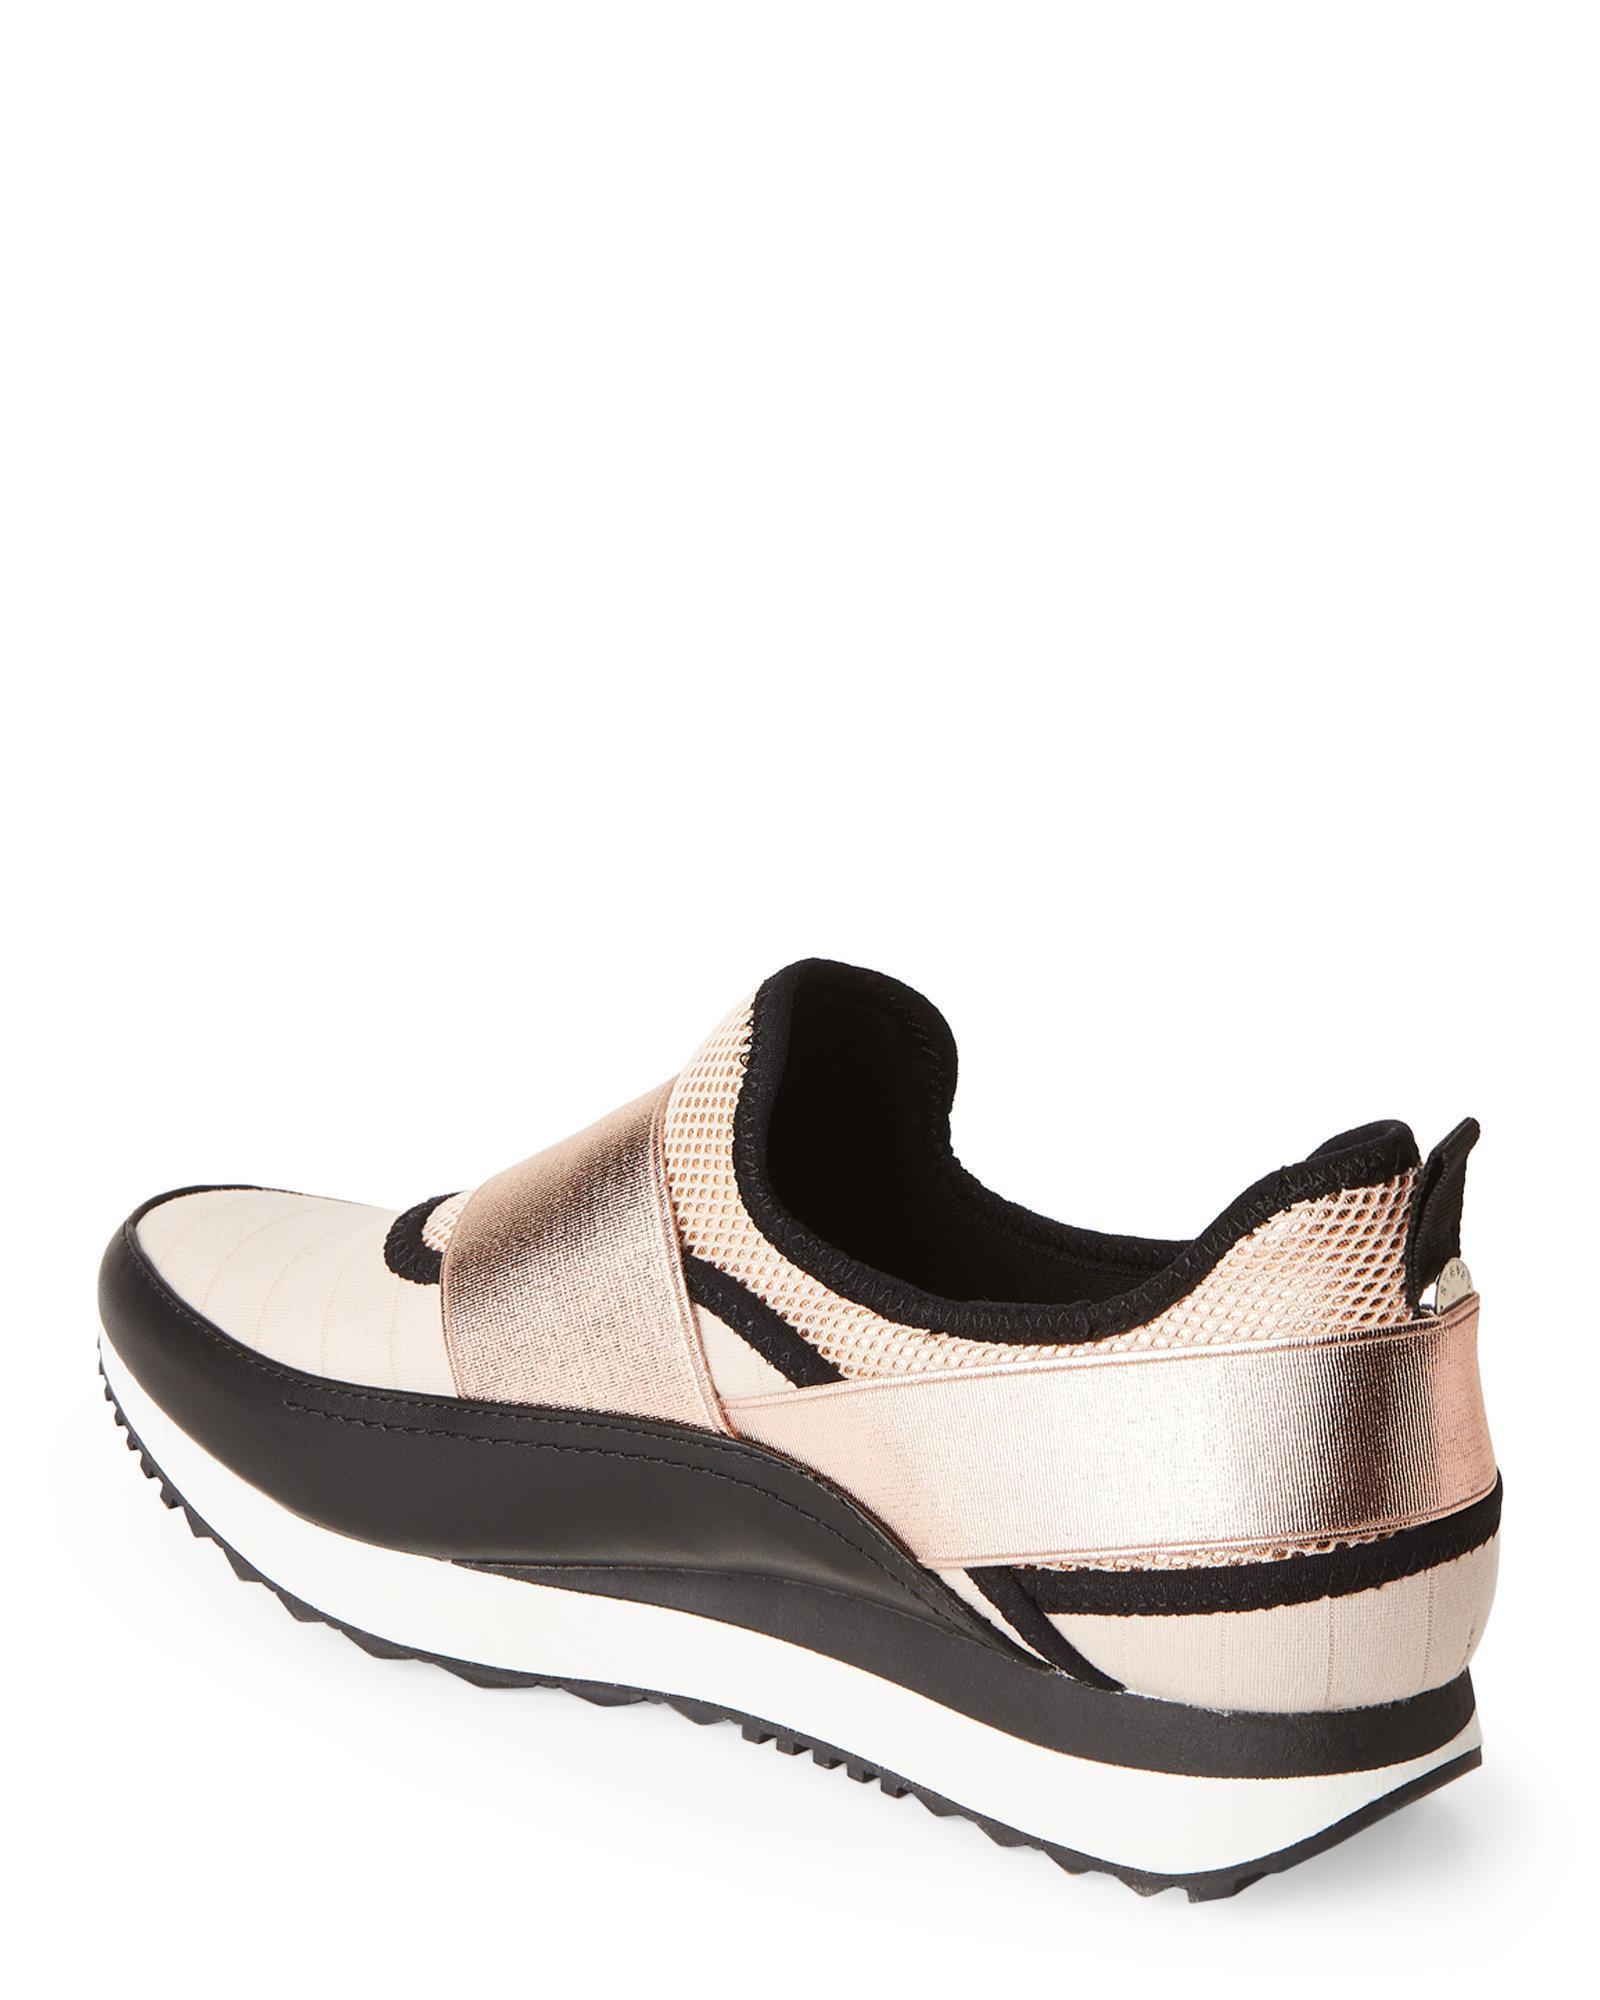 7703d772ee8 Lyst - Steve Madden Rose Gold   Black Haro Slip-on Sneakers in Black